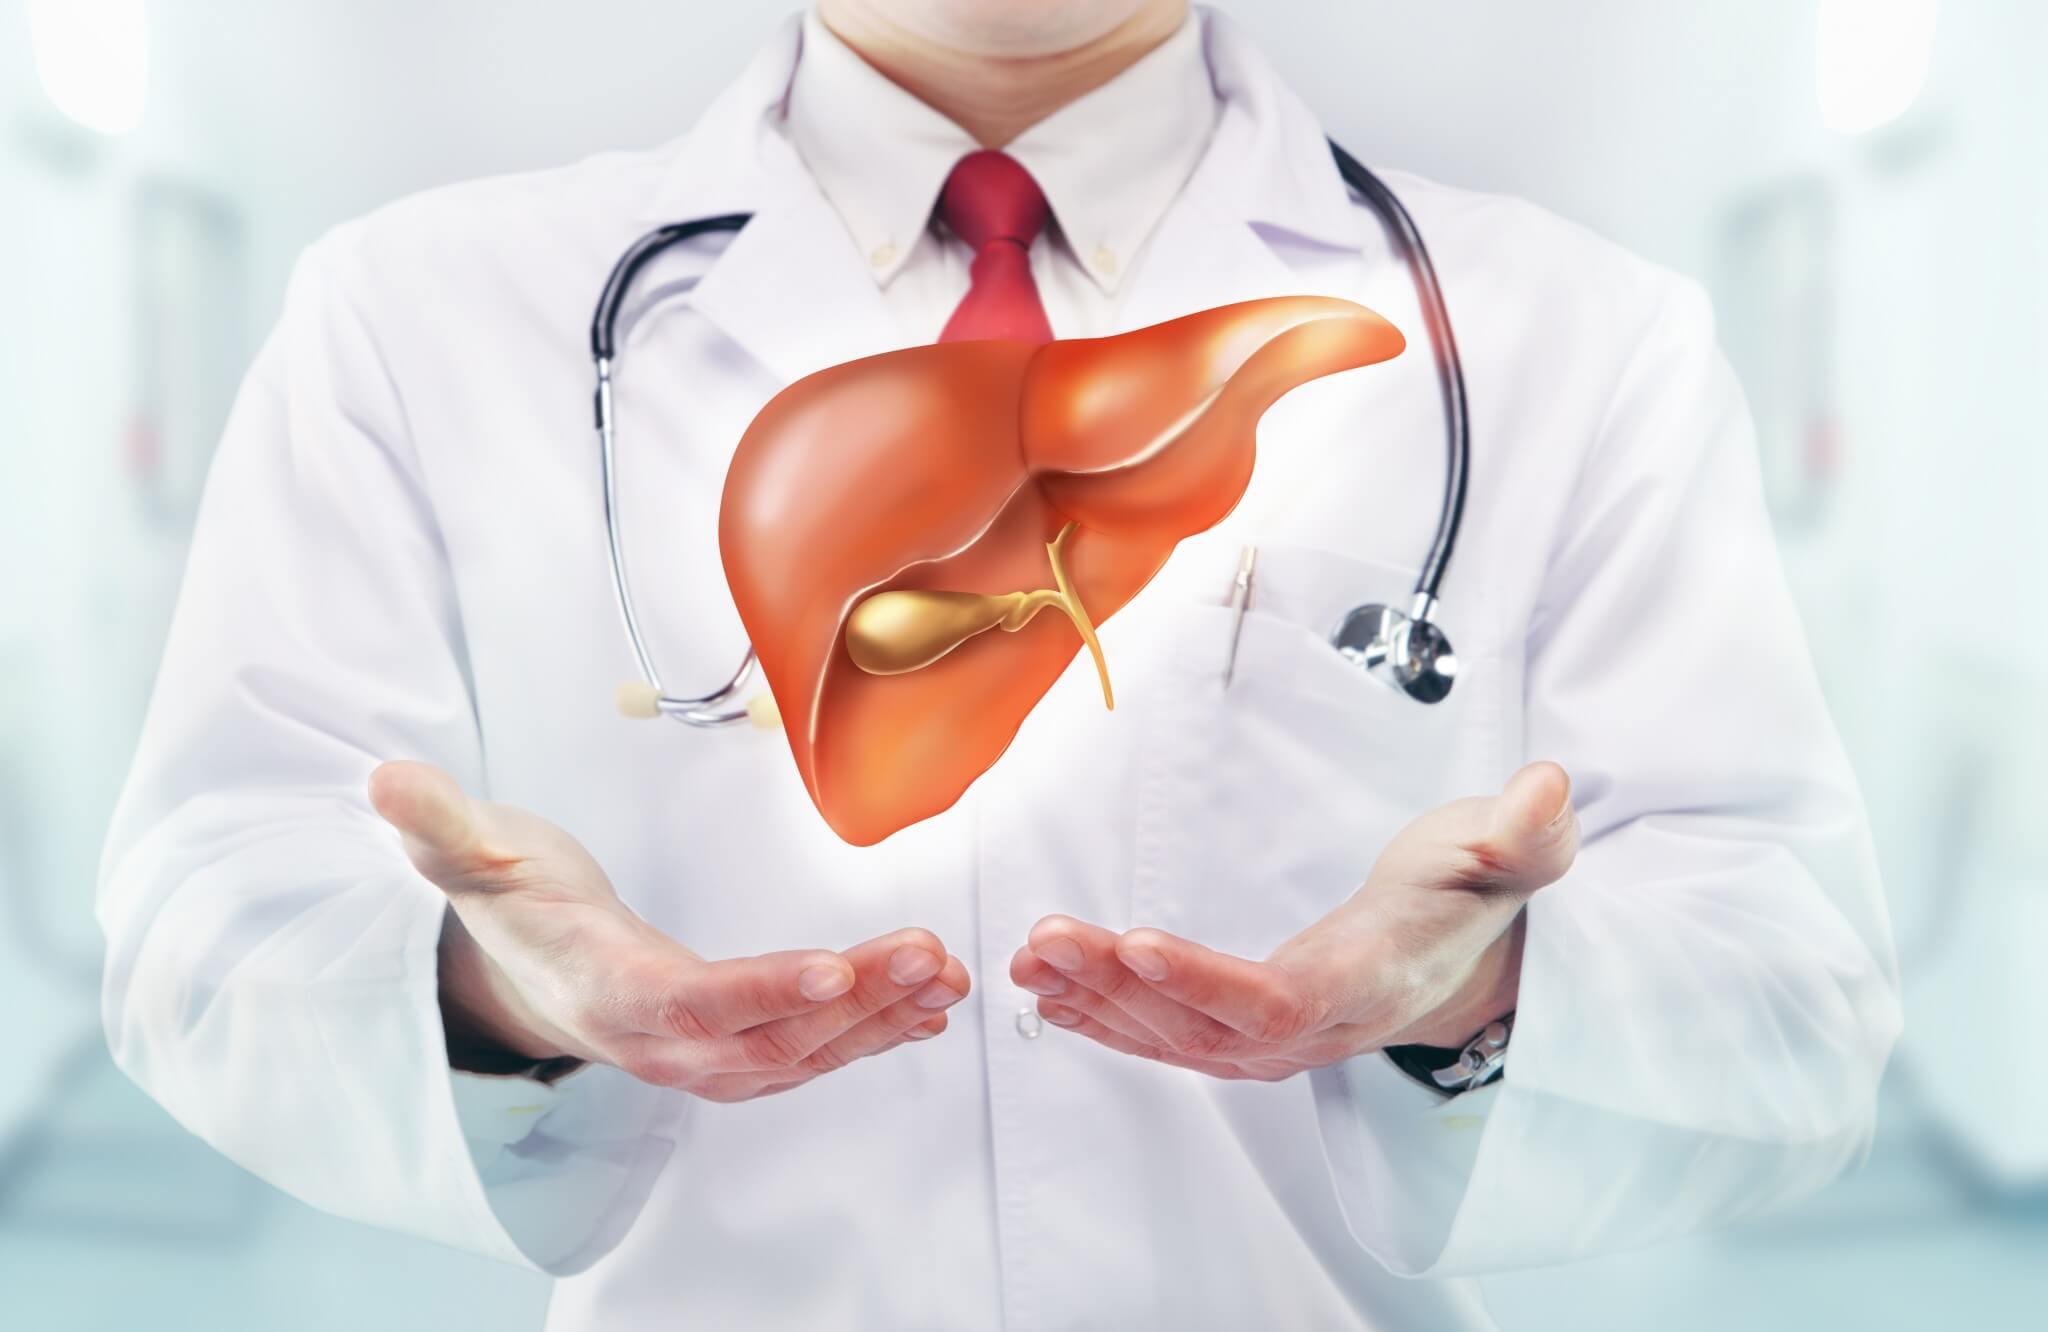 Гипоэхогенное образование в печени: симптомы и диагностика с помощью УЗИ